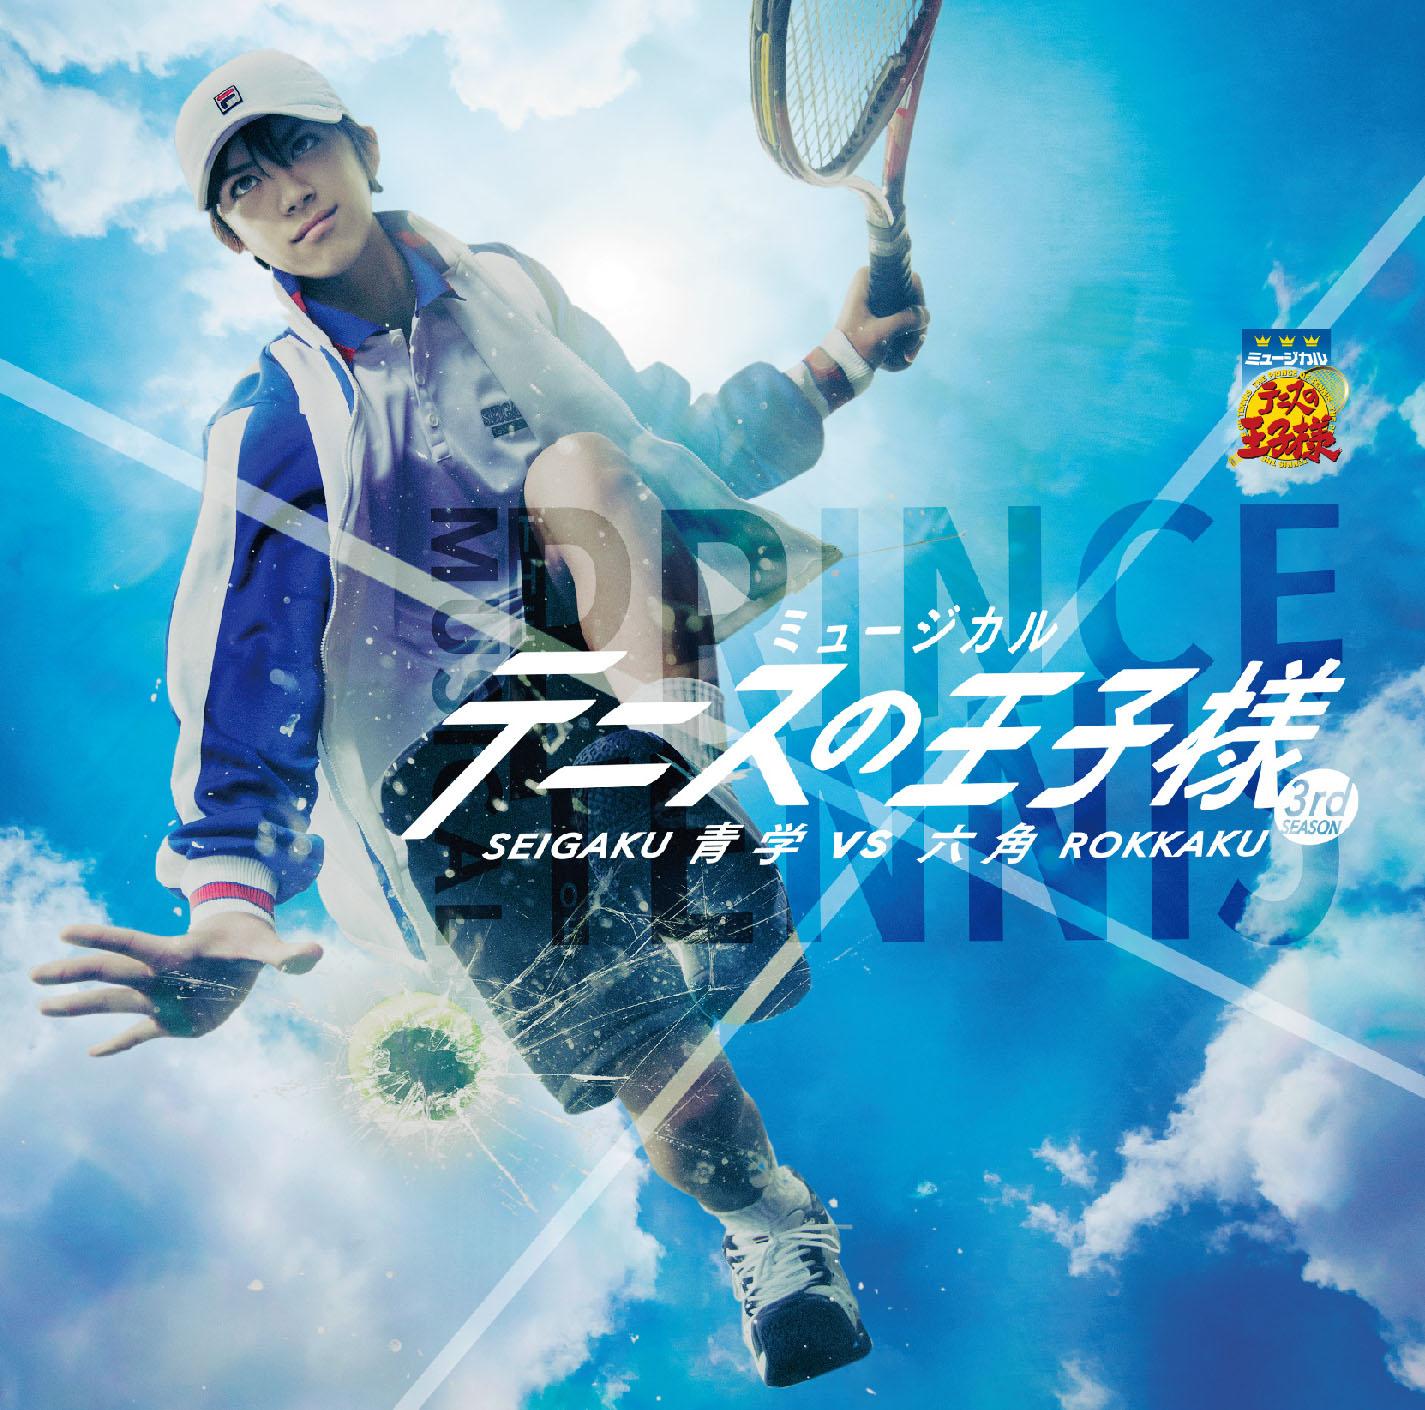 ミュージカル『テニスの王子様』 3rdシーズン 青学(せいがく)vs六角 Various Artists